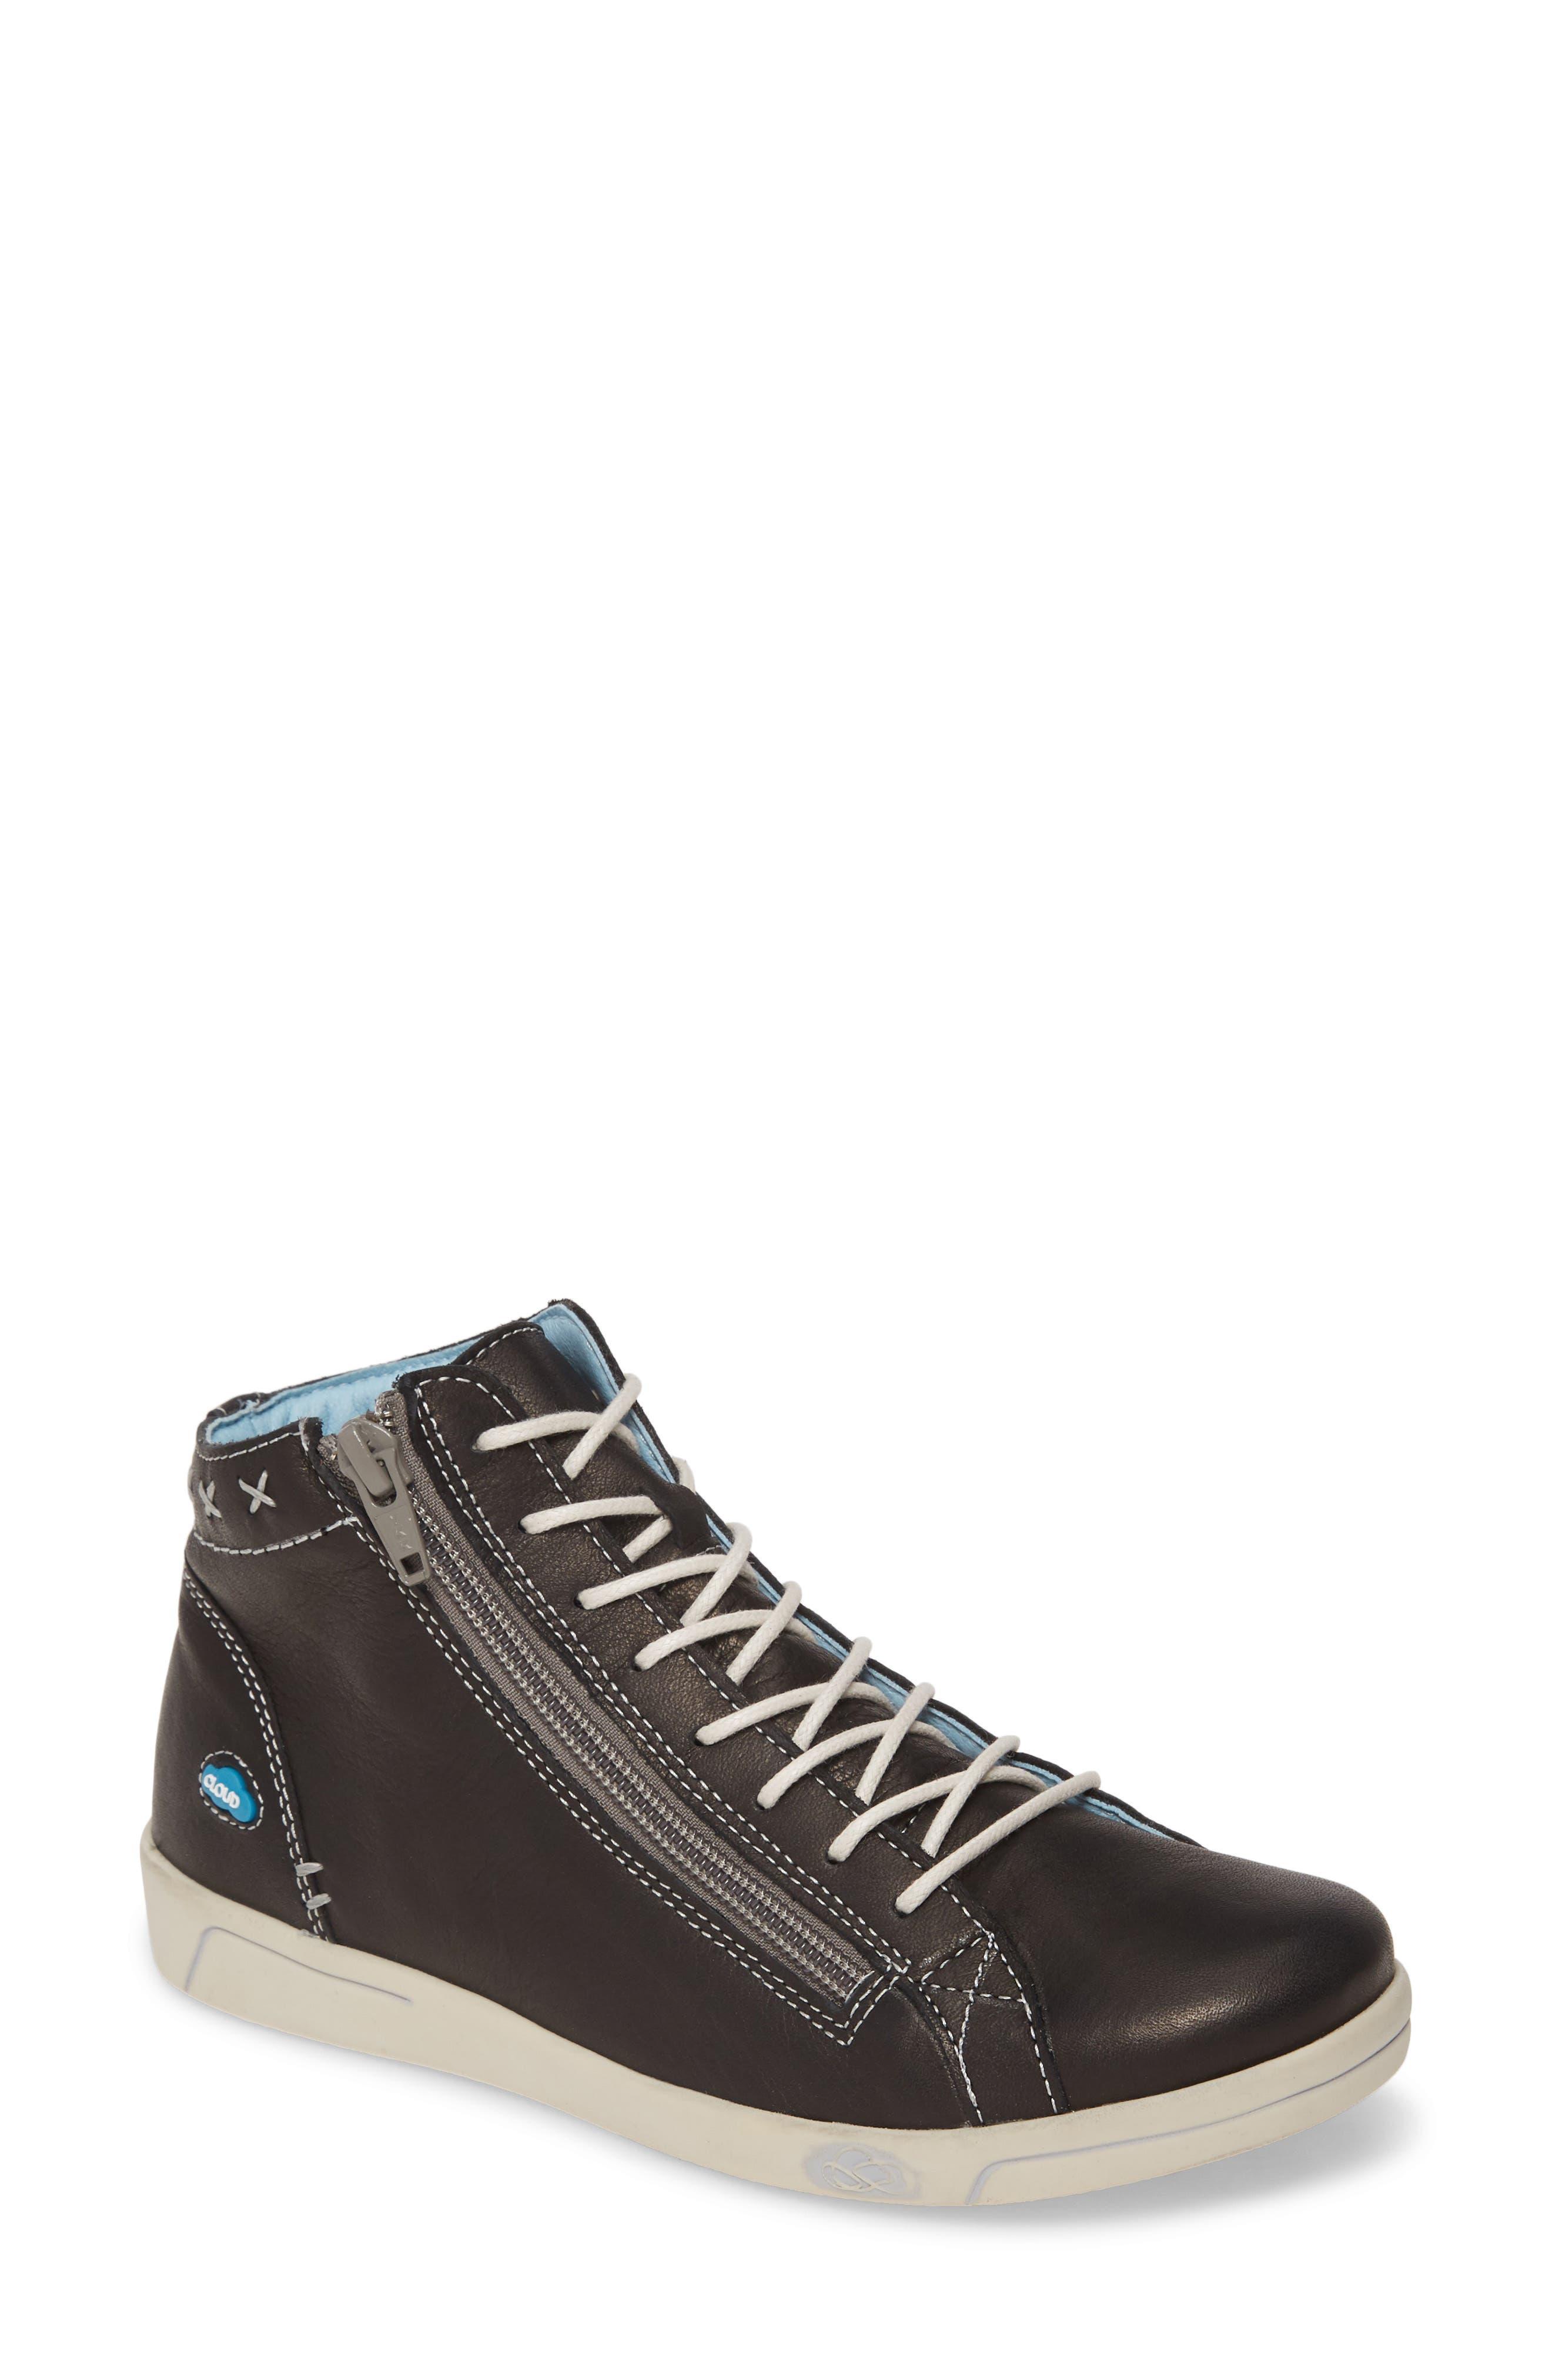 Aika High Top Sneaker